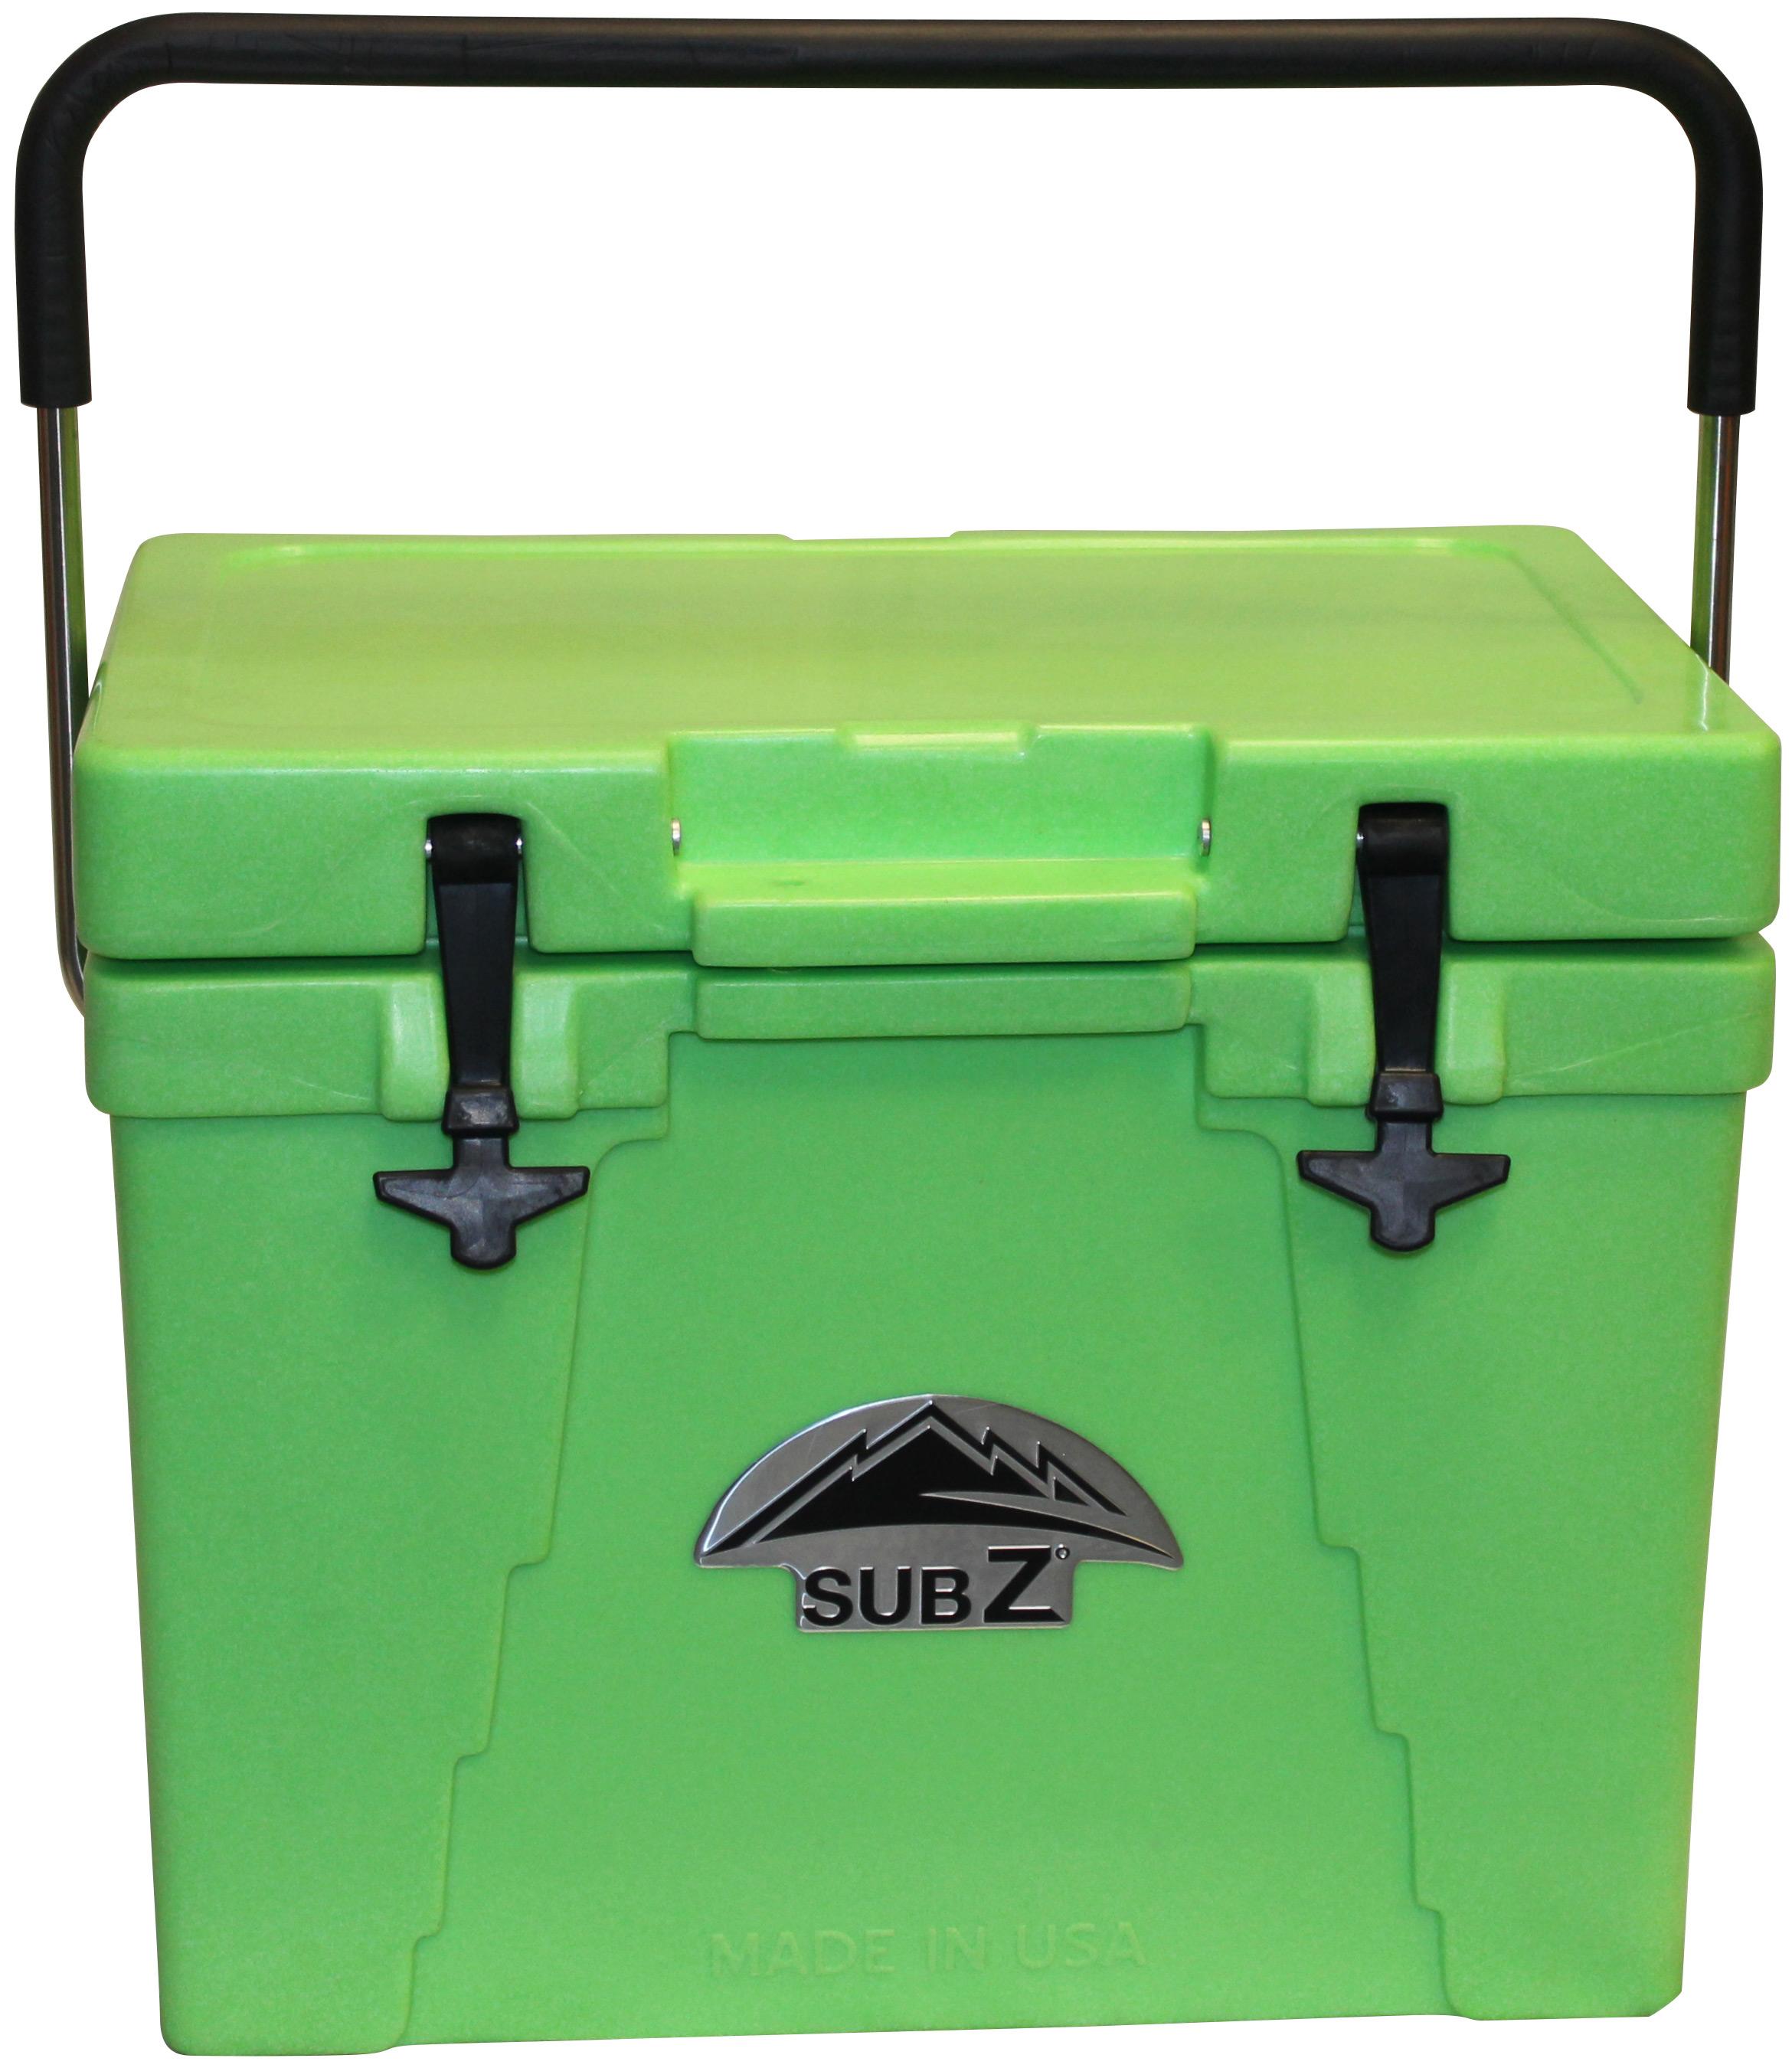 Sub Z 23 Qt Cooler Green Poolsupplies Com